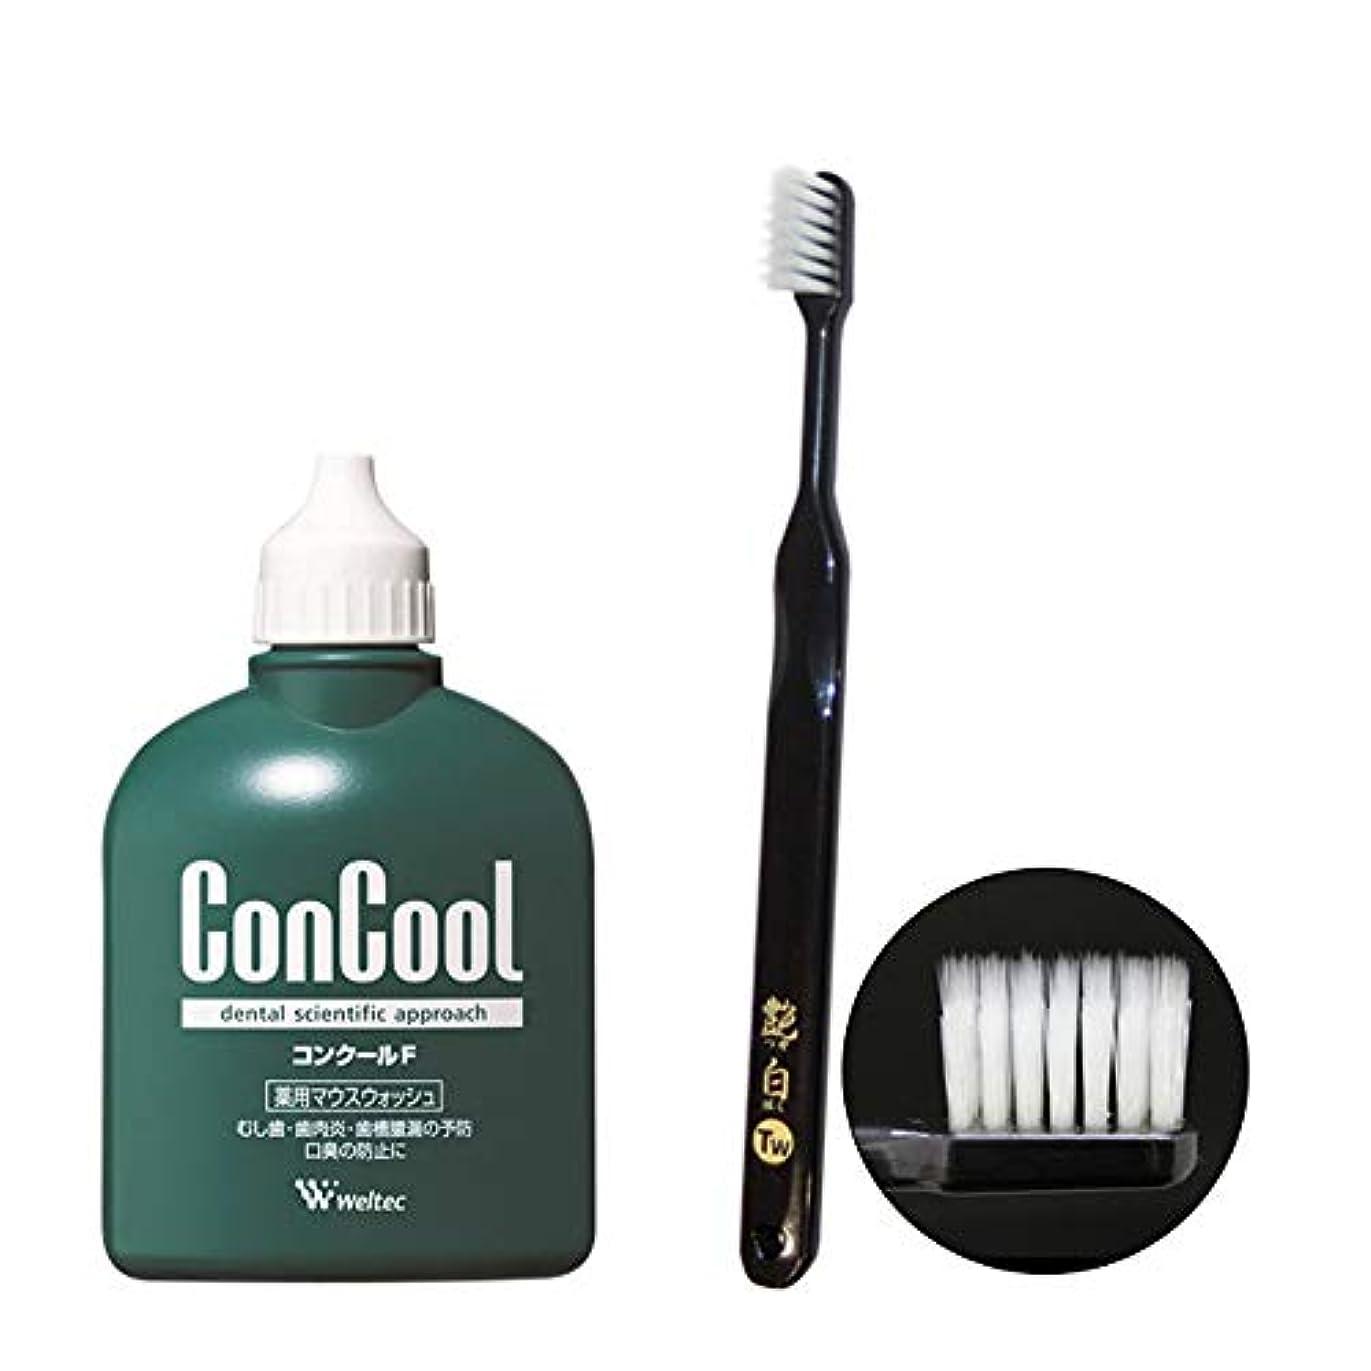 コンクールF 100ml×1個 + 艶白 Tw ツイン (二段植毛) 歯ブラシ×1本 MS(やややわらかめ) 日本製 歯科専売品